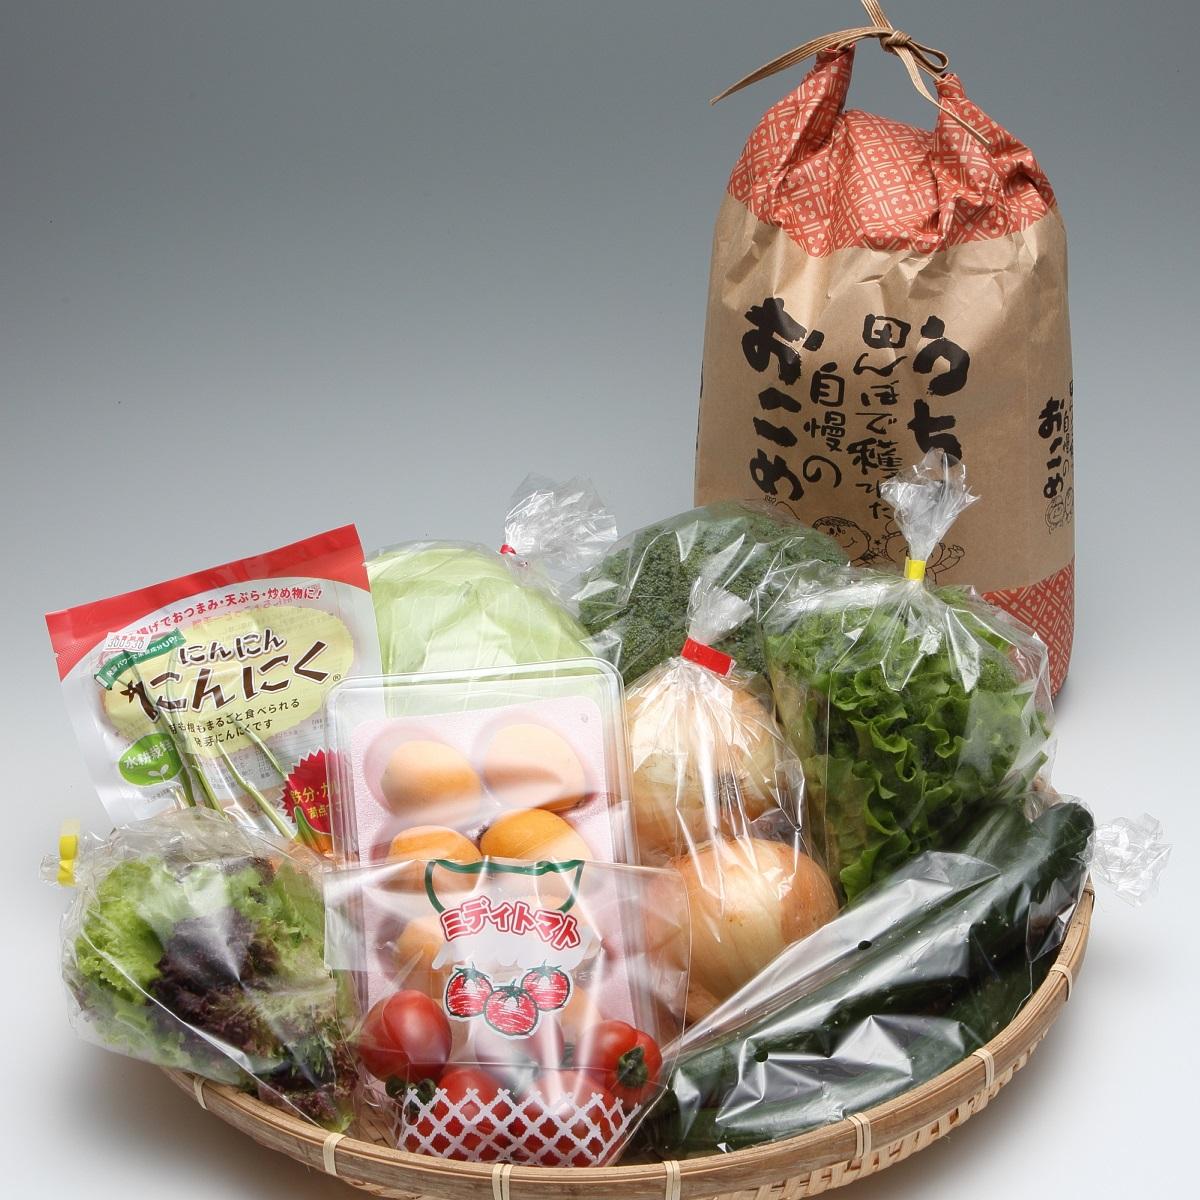 【ふるさと納税】【B0-008】道の駅松浦海のふるさと館『旬のお野菜+お米5kg』の大満足セット!